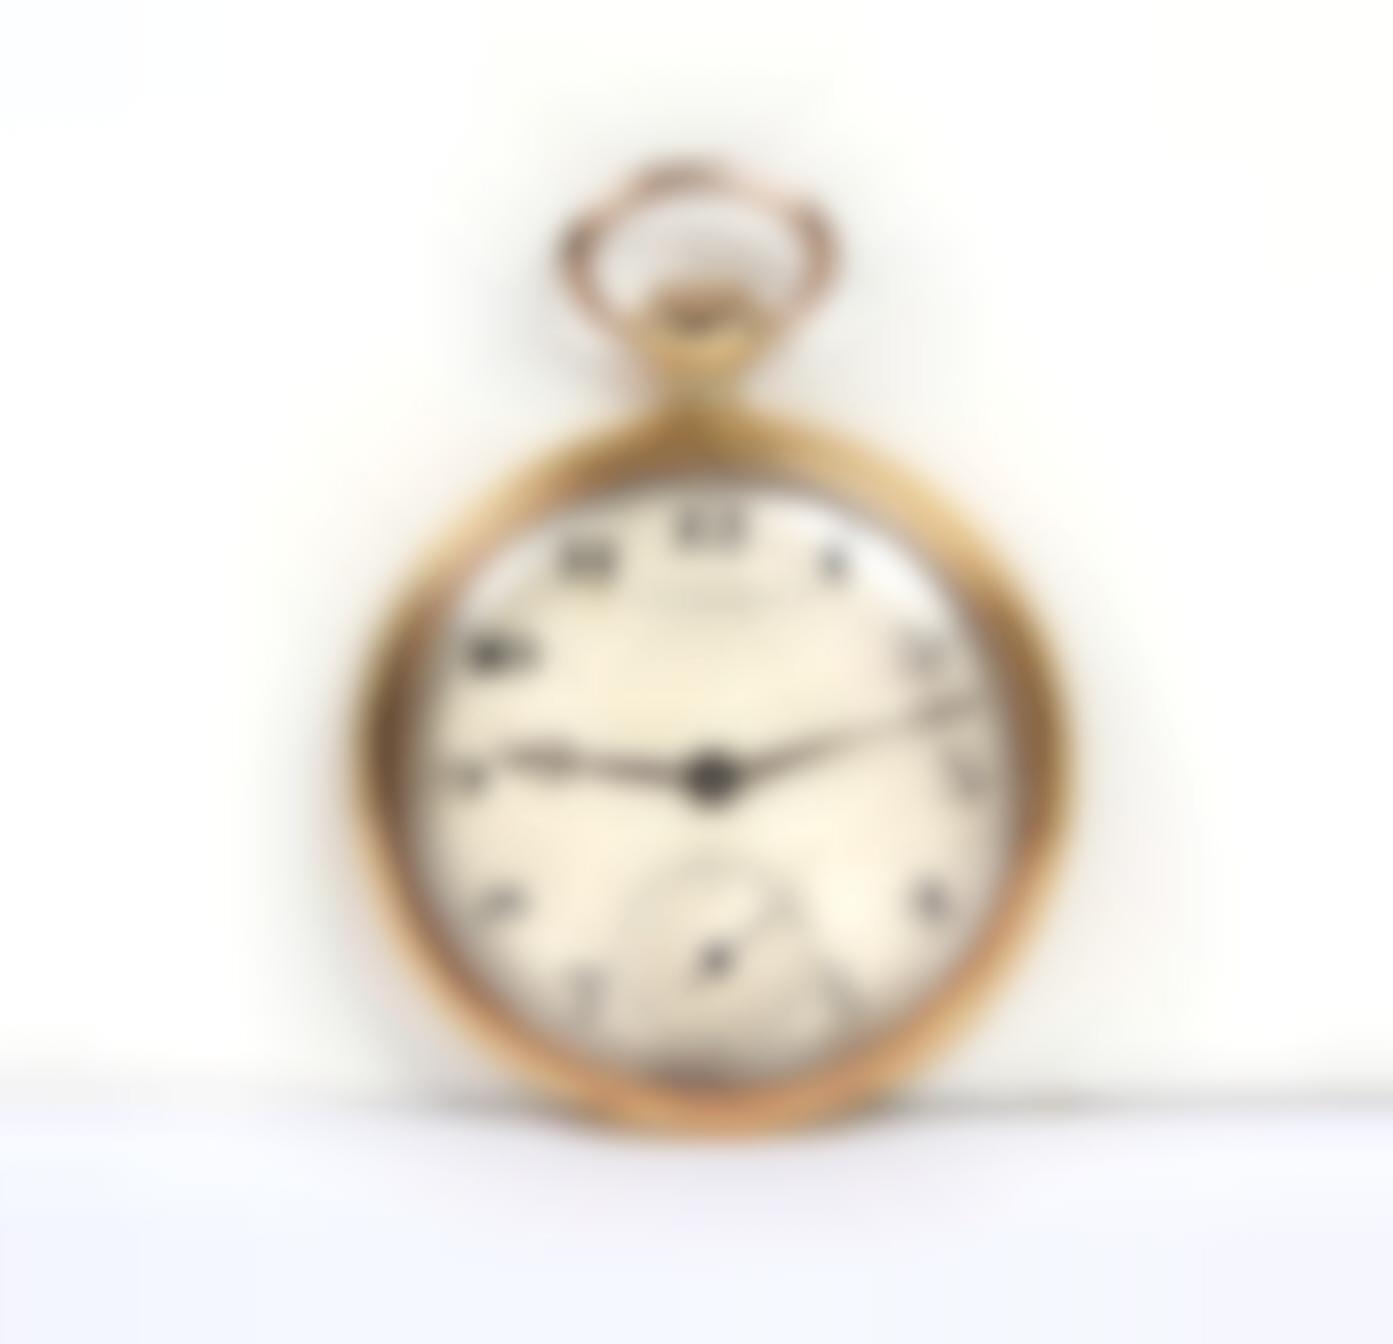 Baume & Mercier Swiss Pocket Watch-